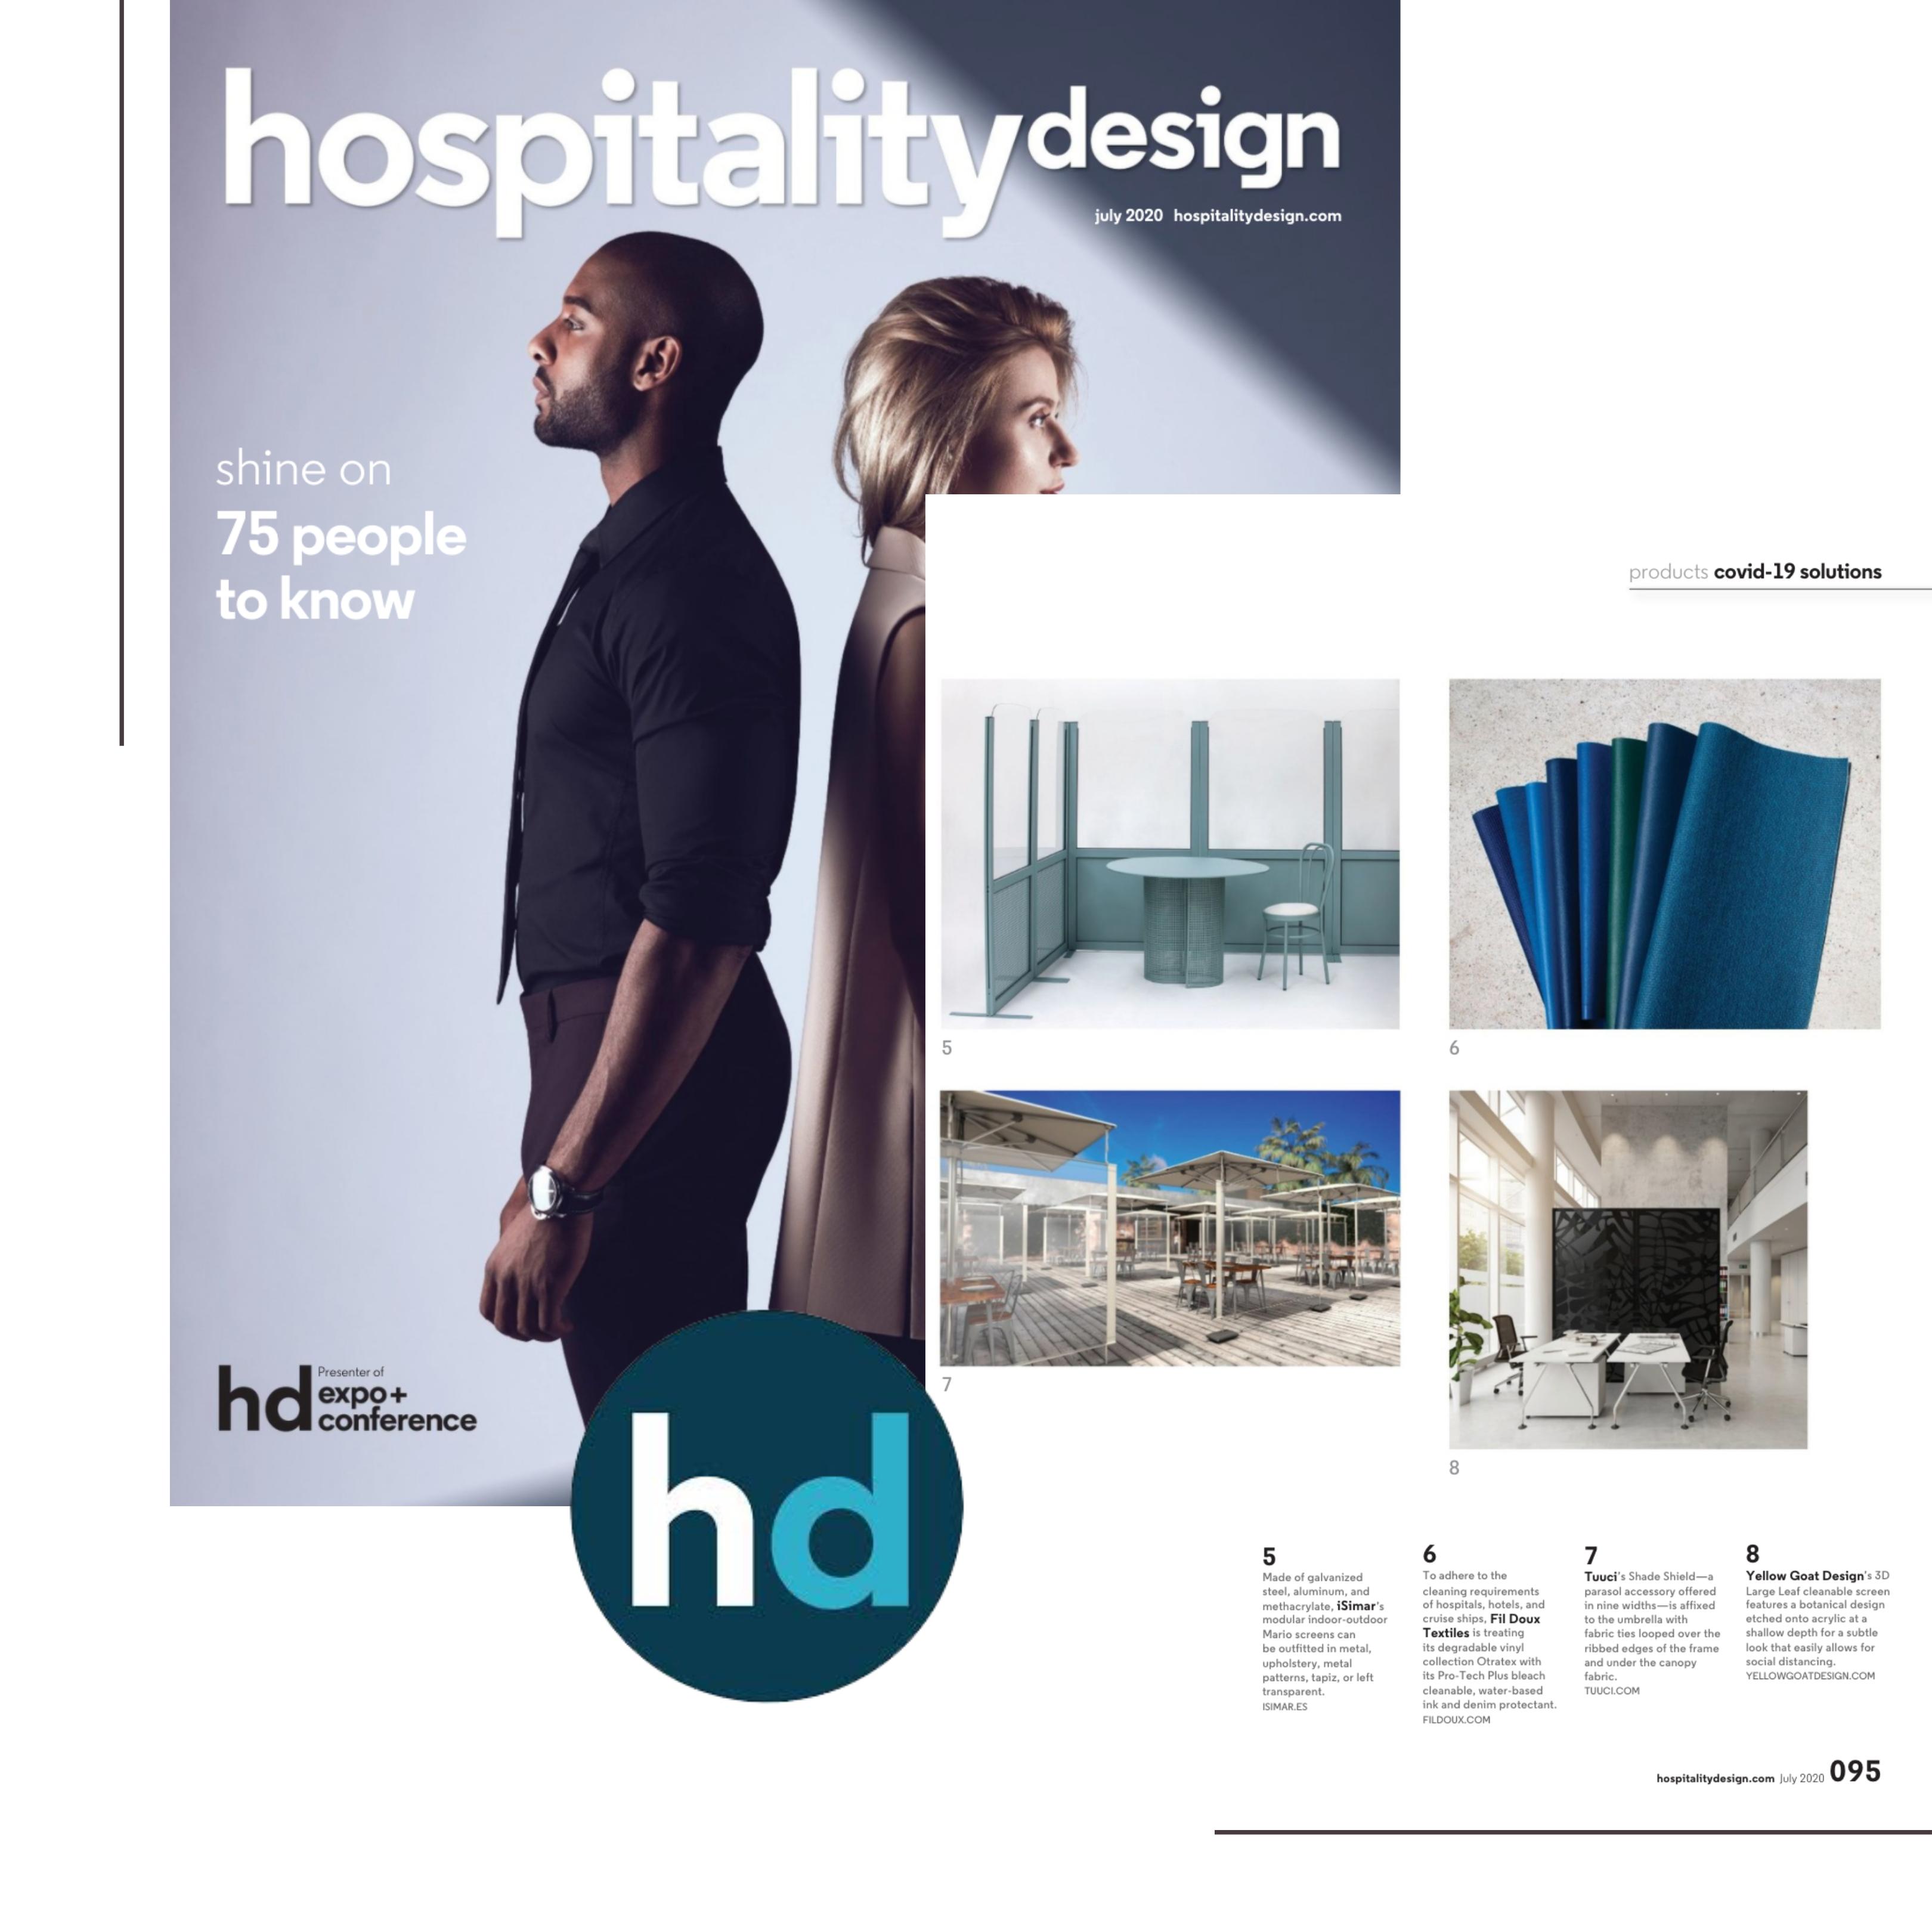 3D Large Leaf in Hospitality Design